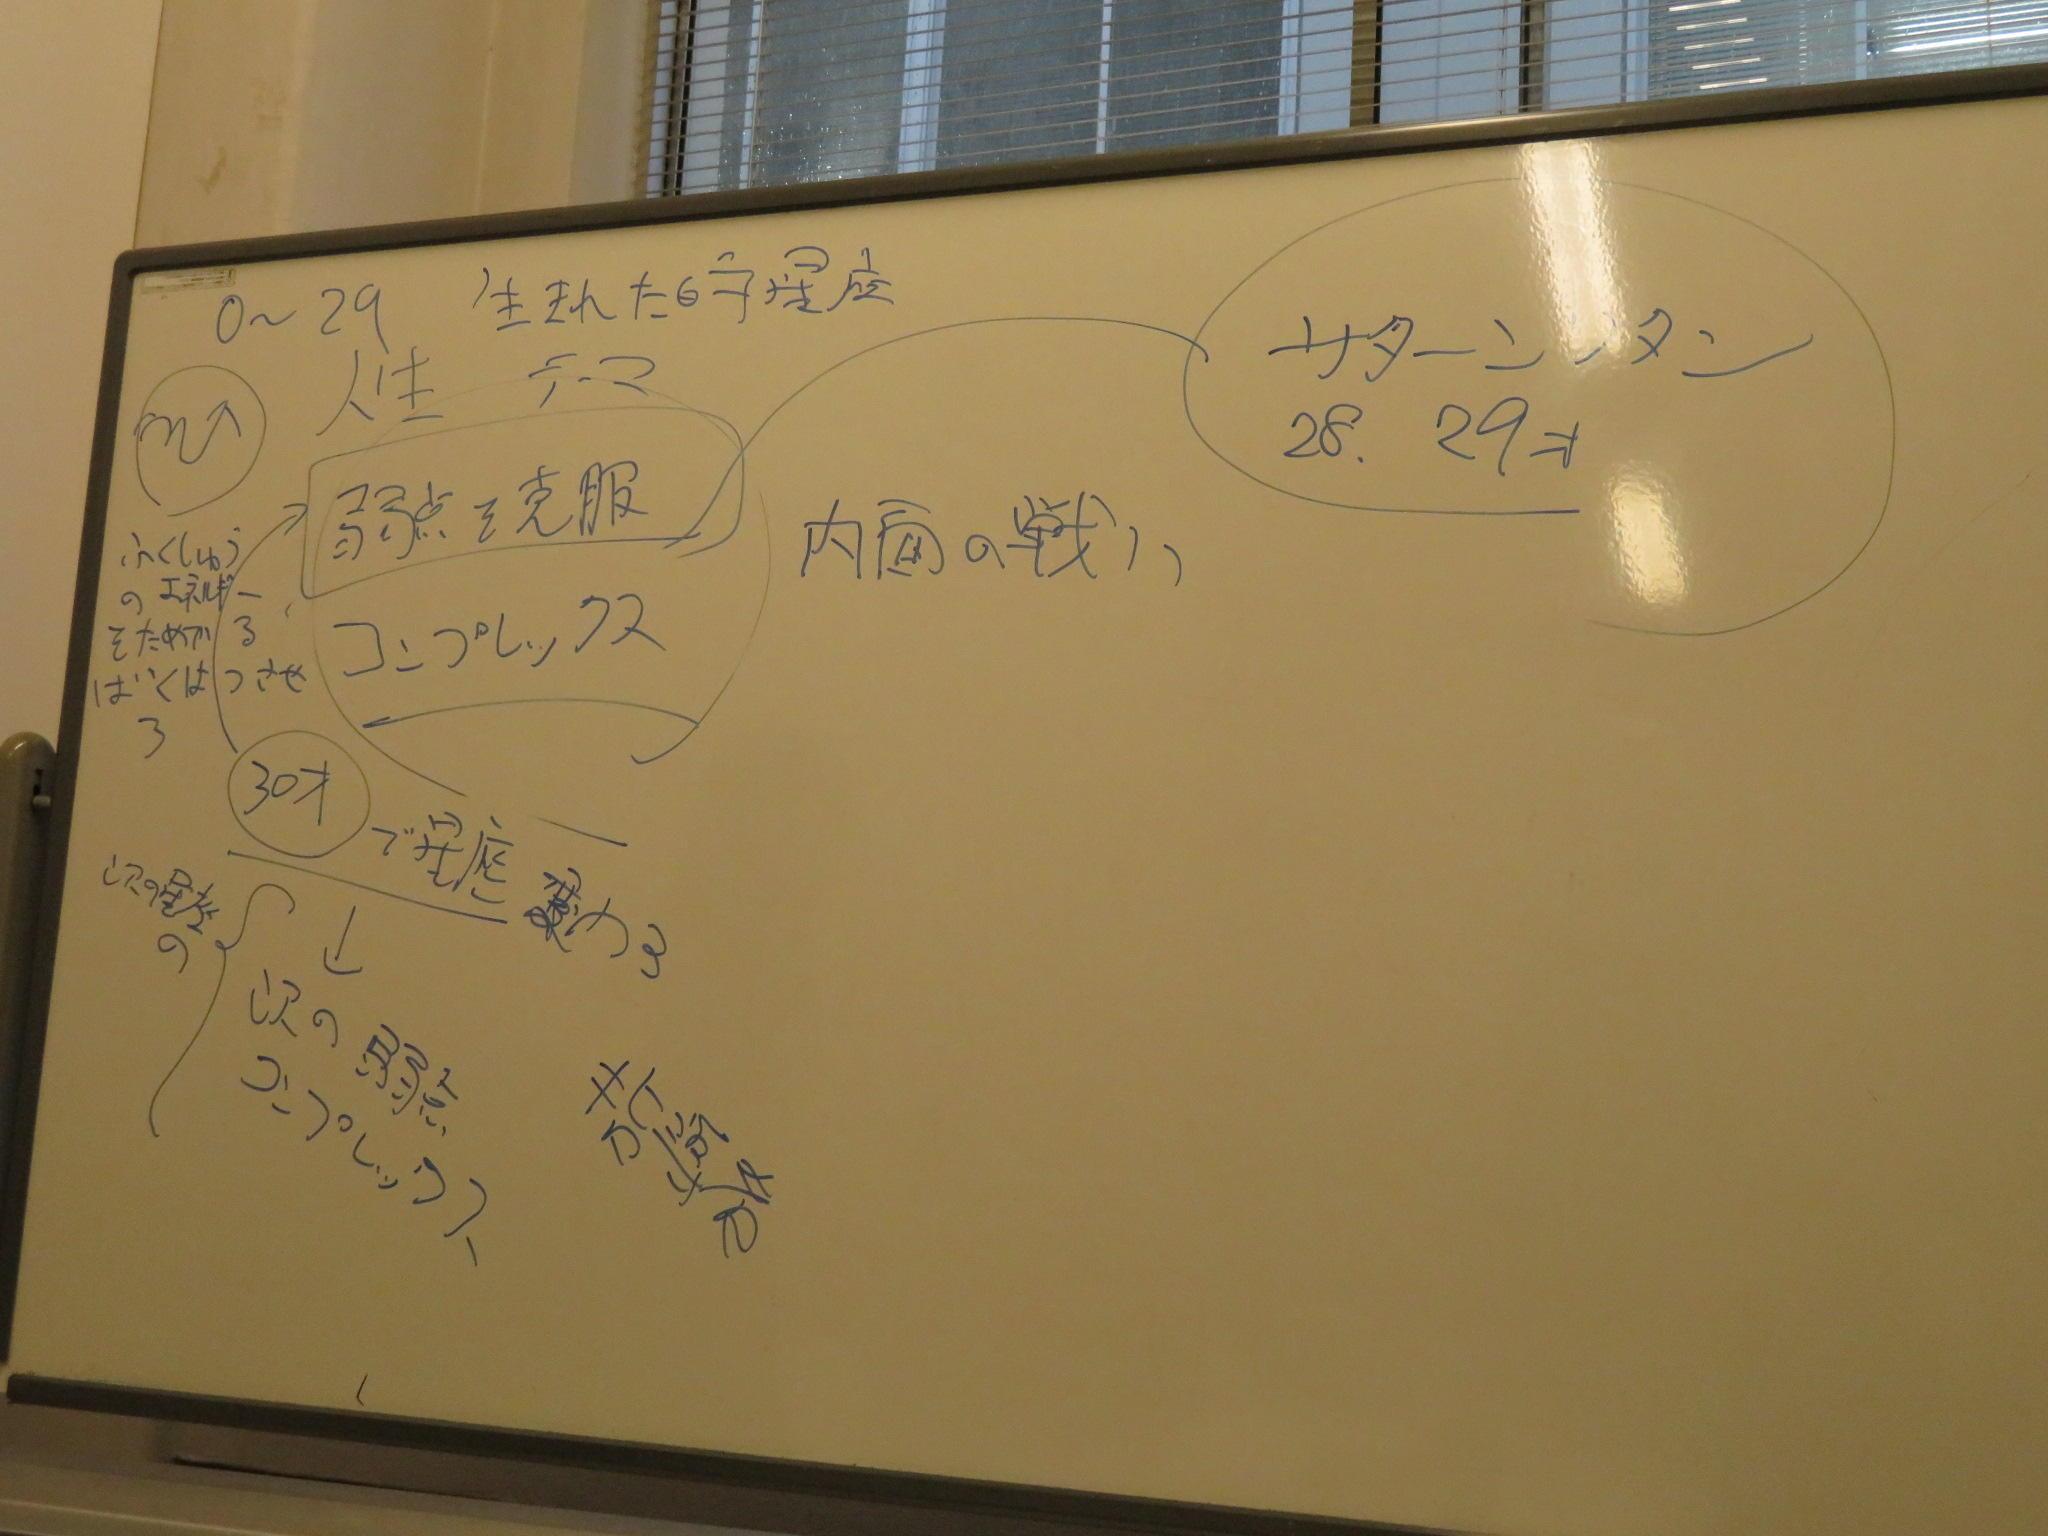 http://news.yoshimoto.co.jp/20181010031202-0822f5772984d47710dfd0974207106607f6c237.jpg